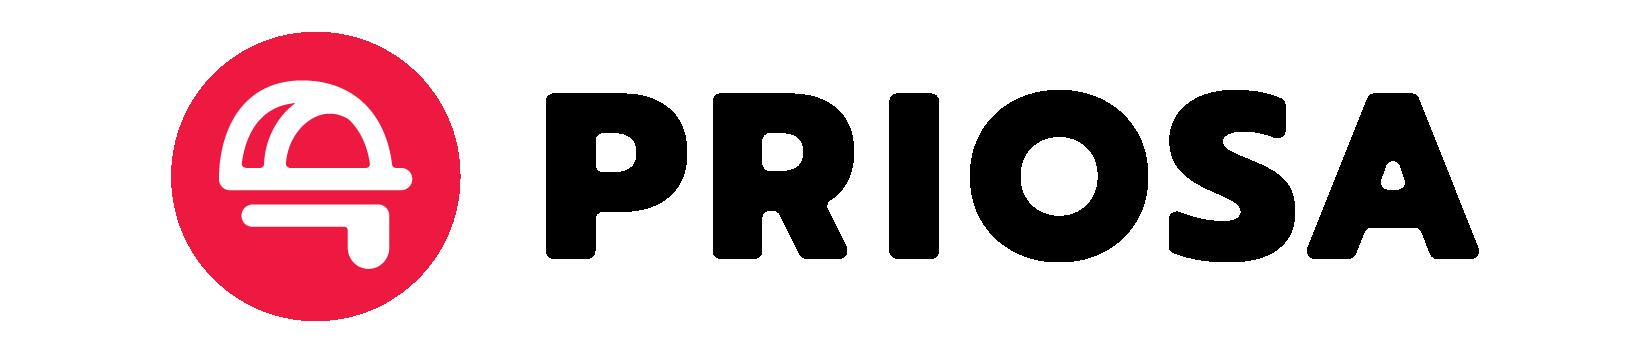 Priosa